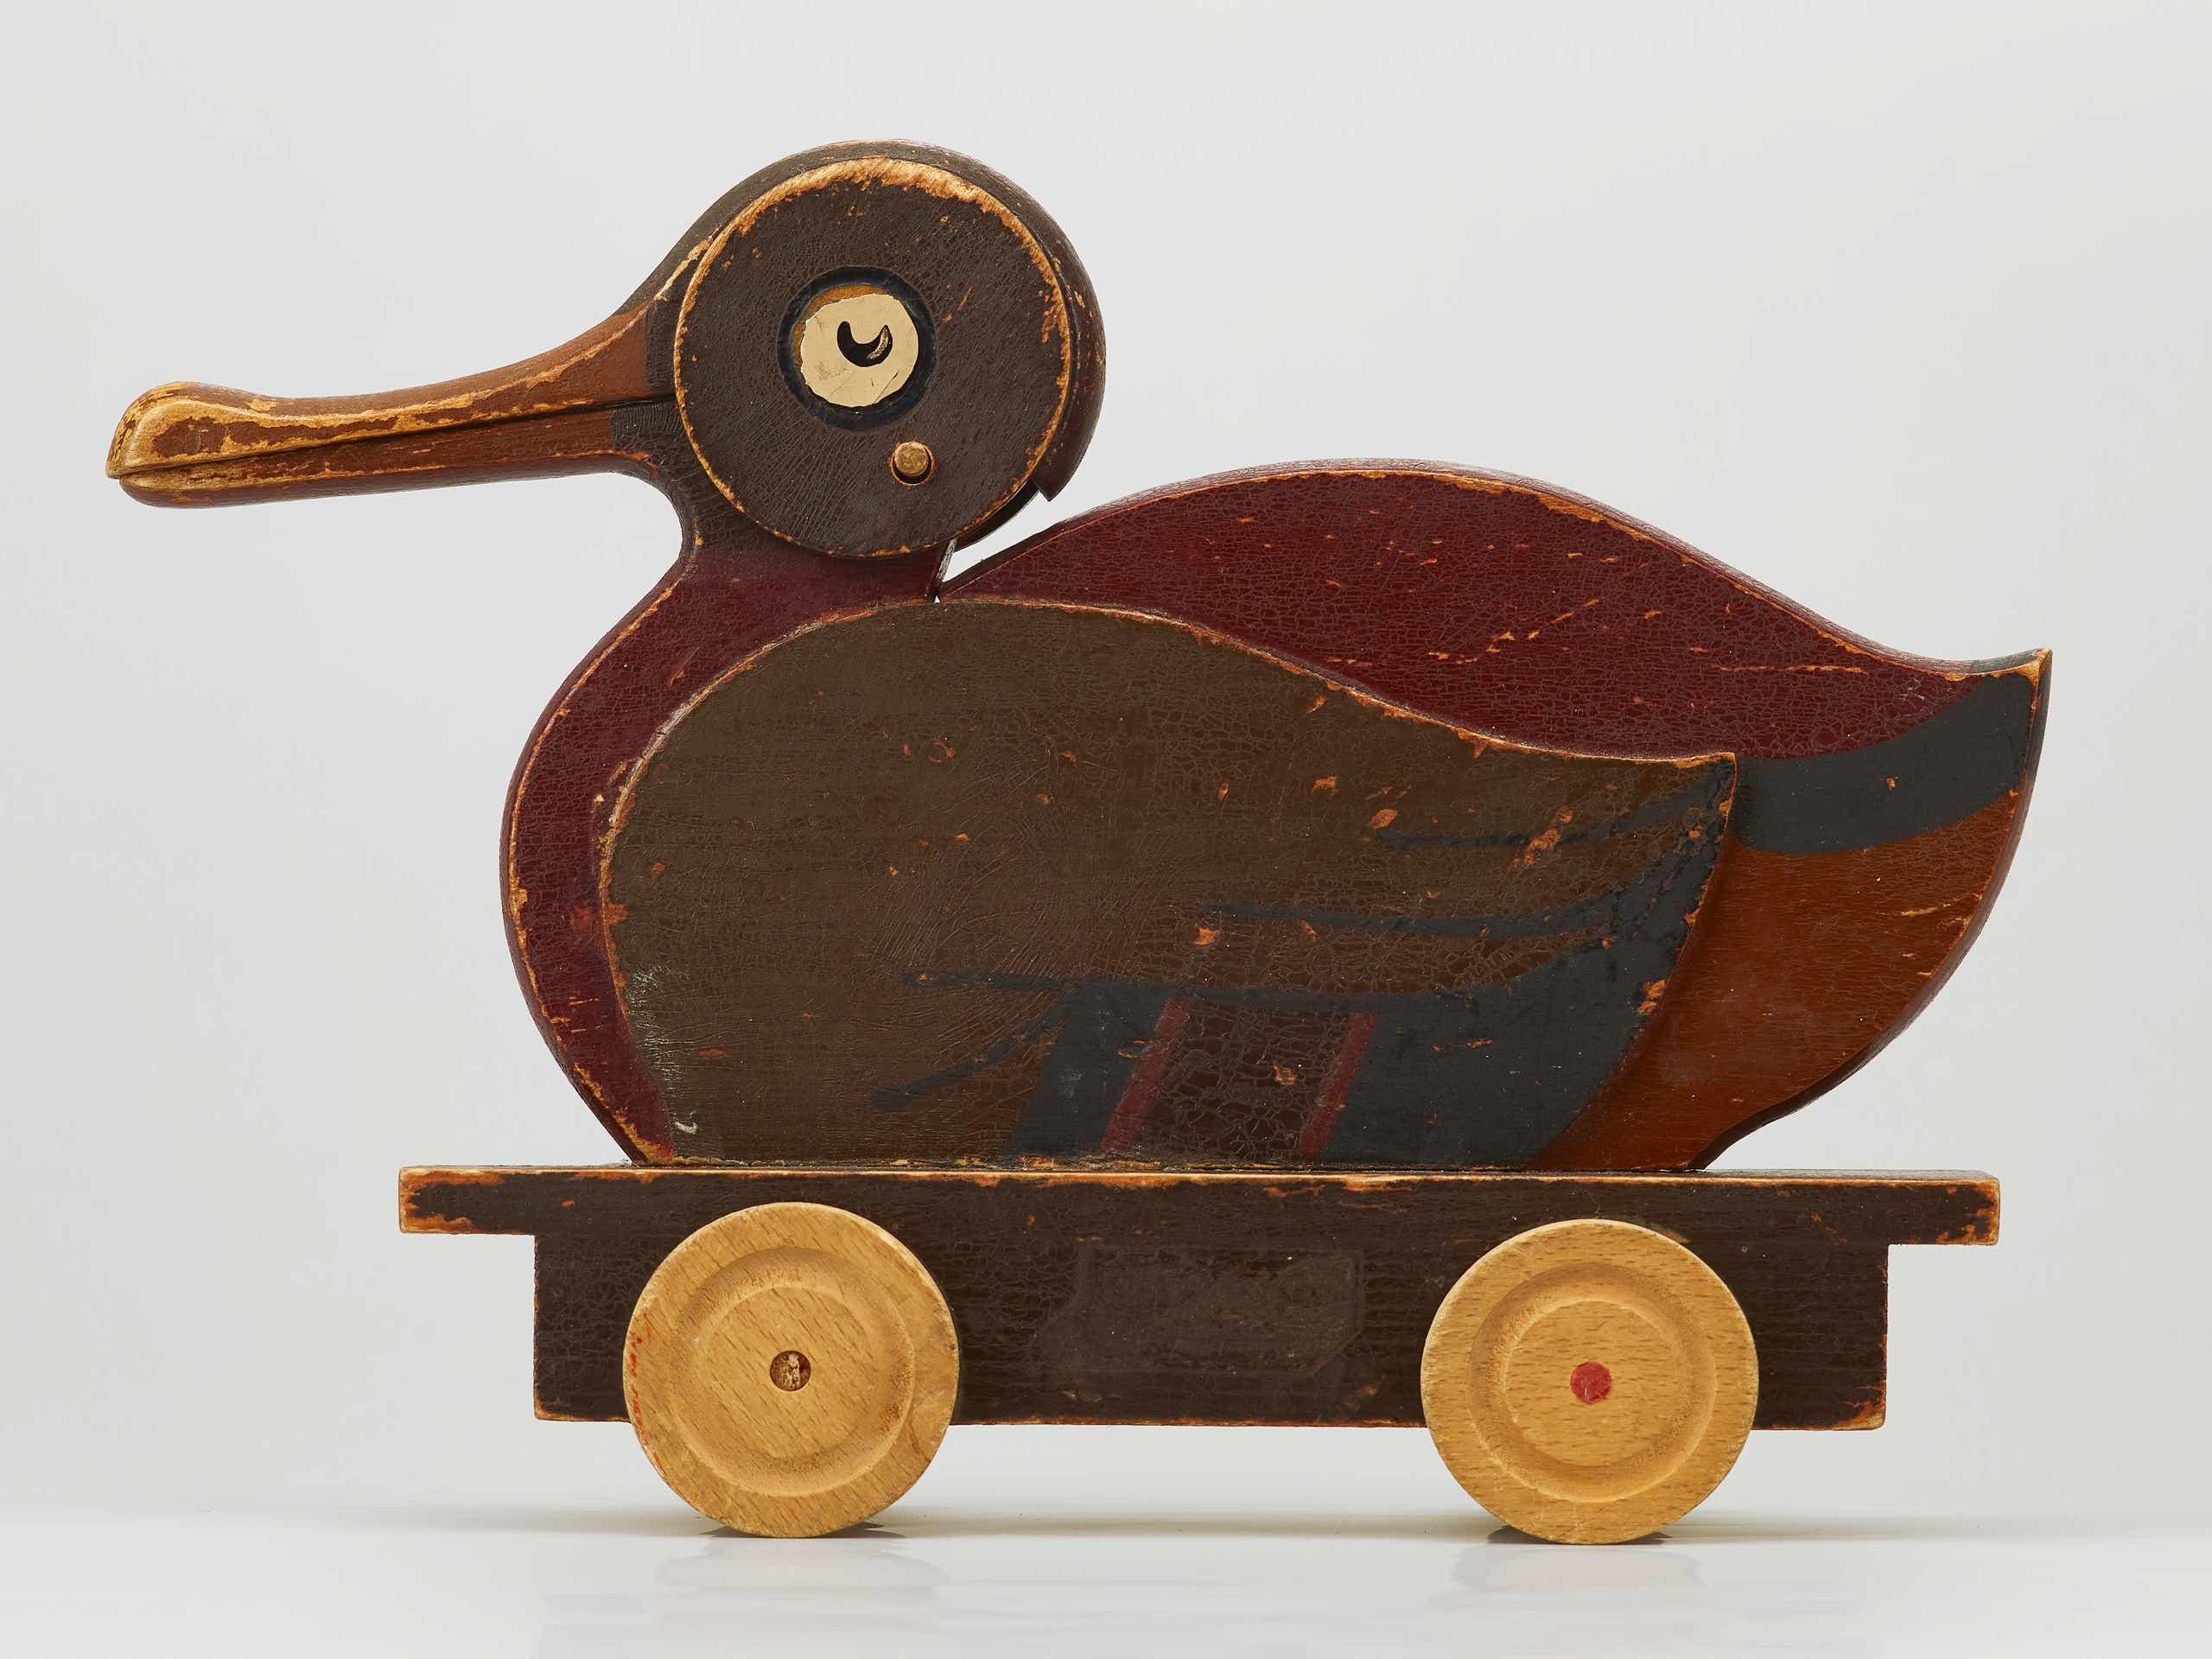 LEGO Wooden Duck